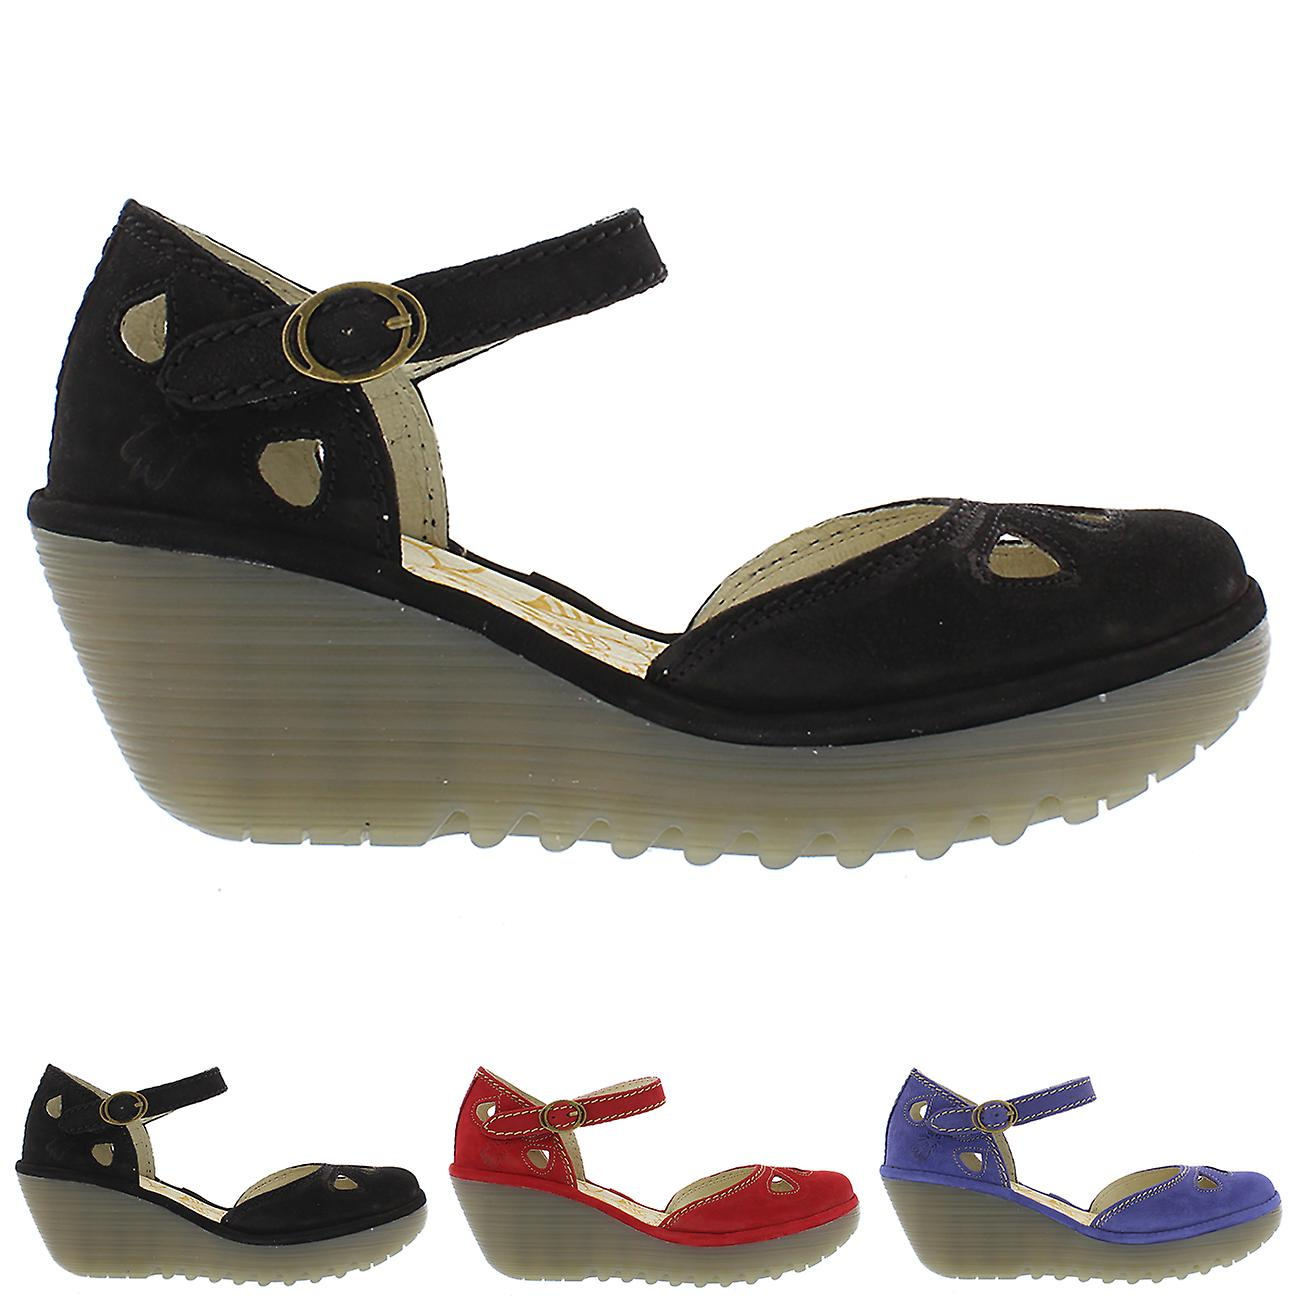 Femmes Fly London Yuna Cupido talon compensé fermeture cheville Strap chaussures